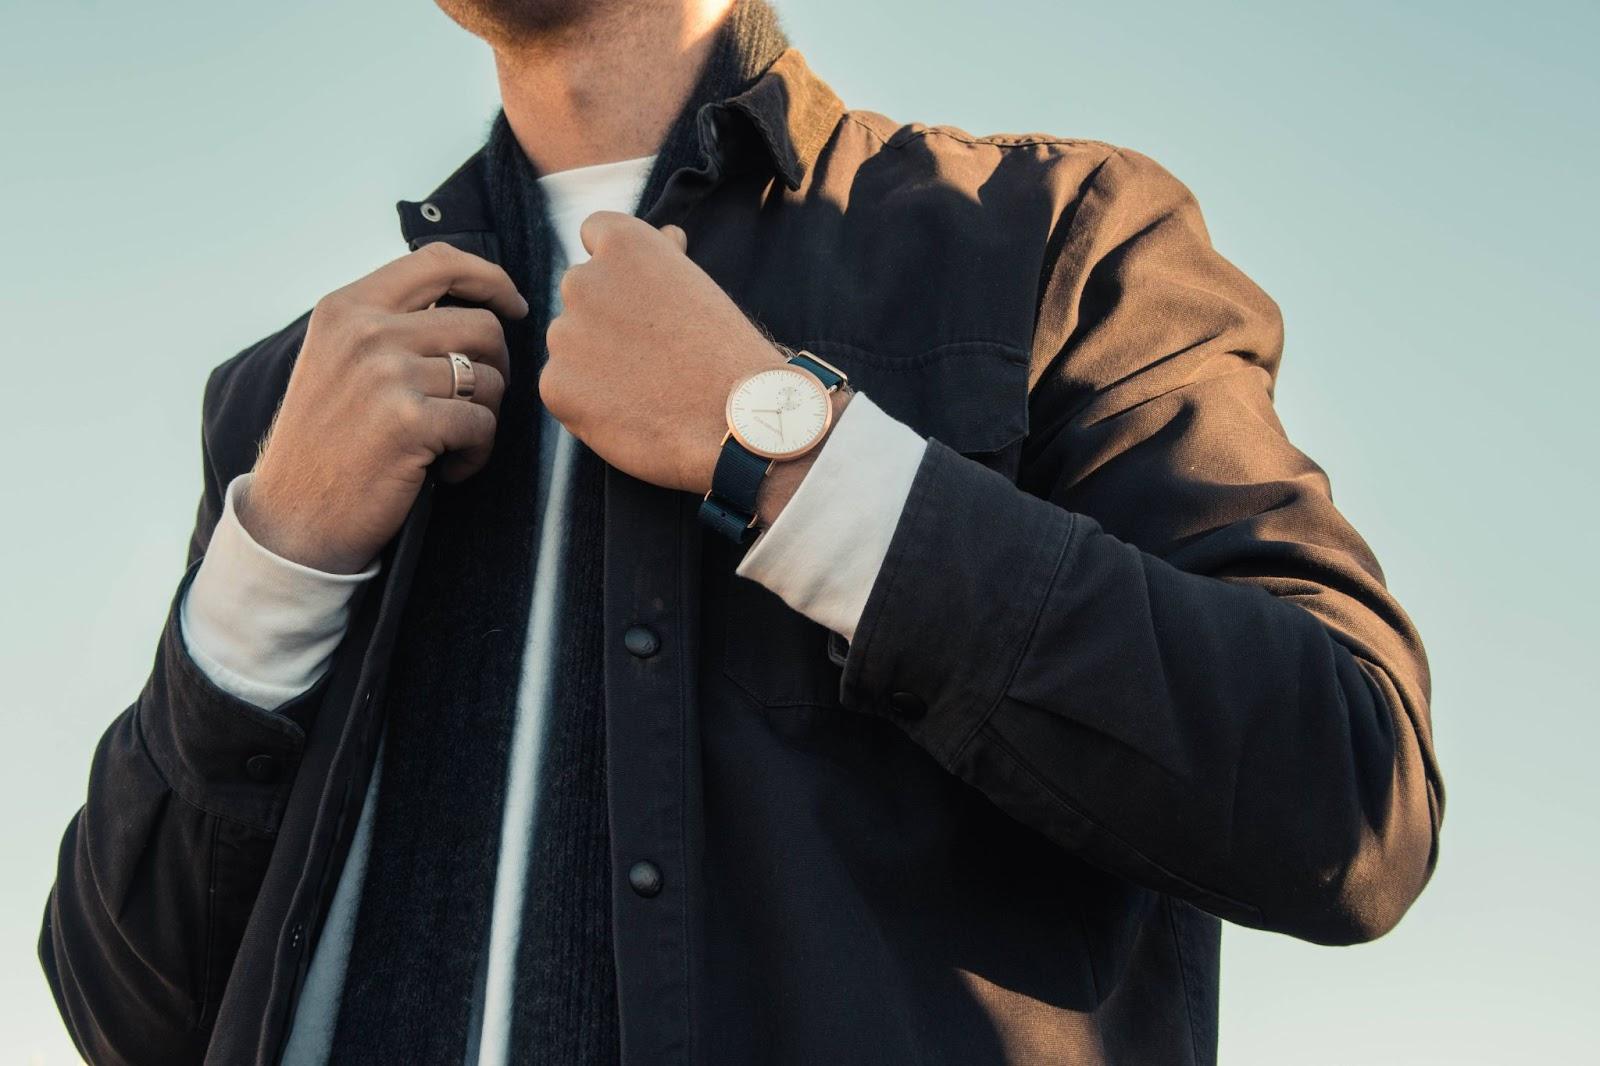 uomo-giubbotto-nero-orologio-polso